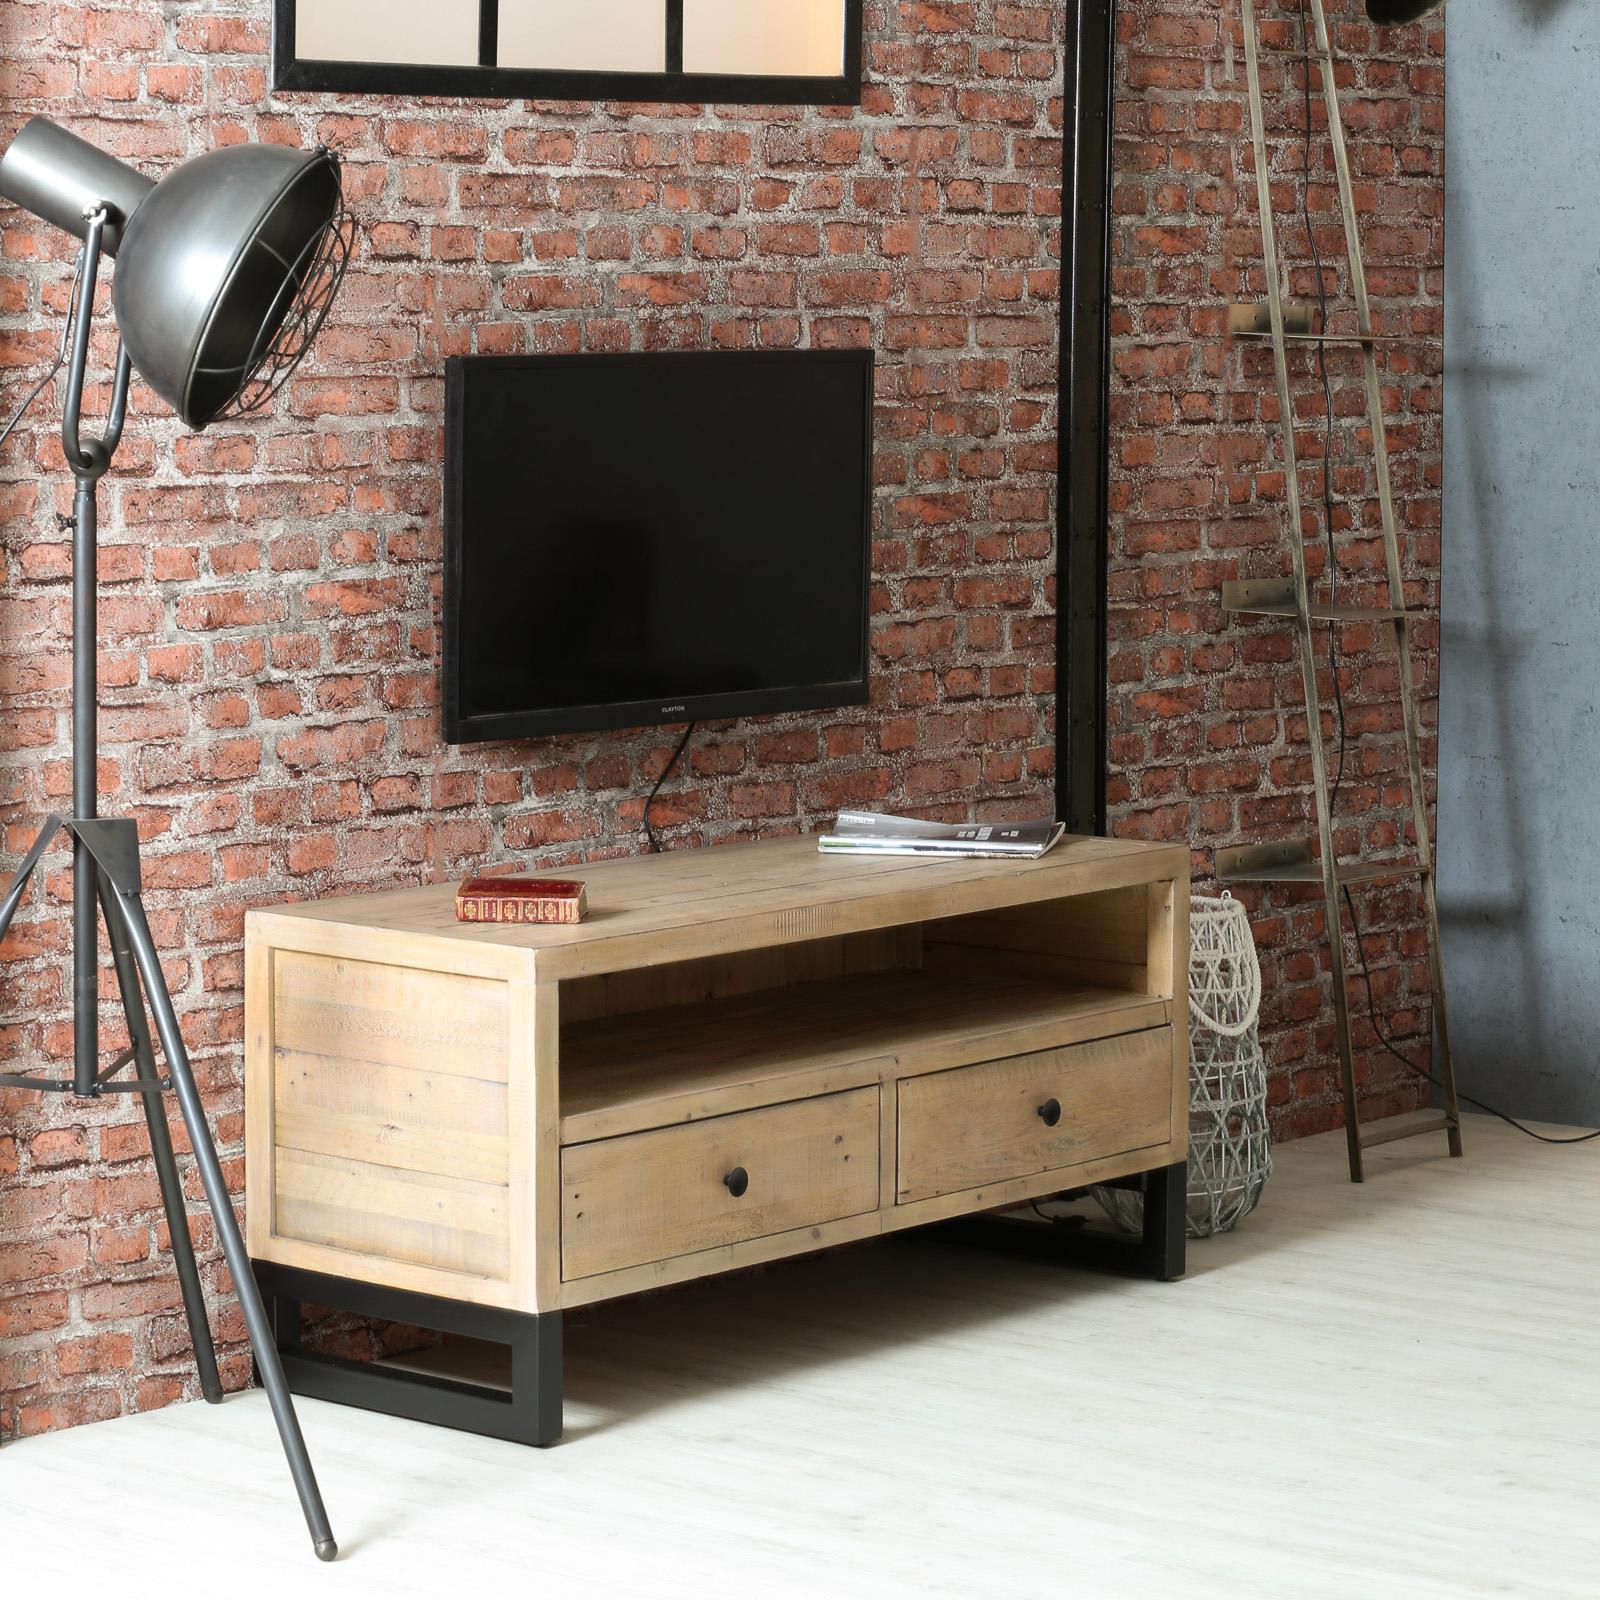 petit meuble tv en bois recycle auckland